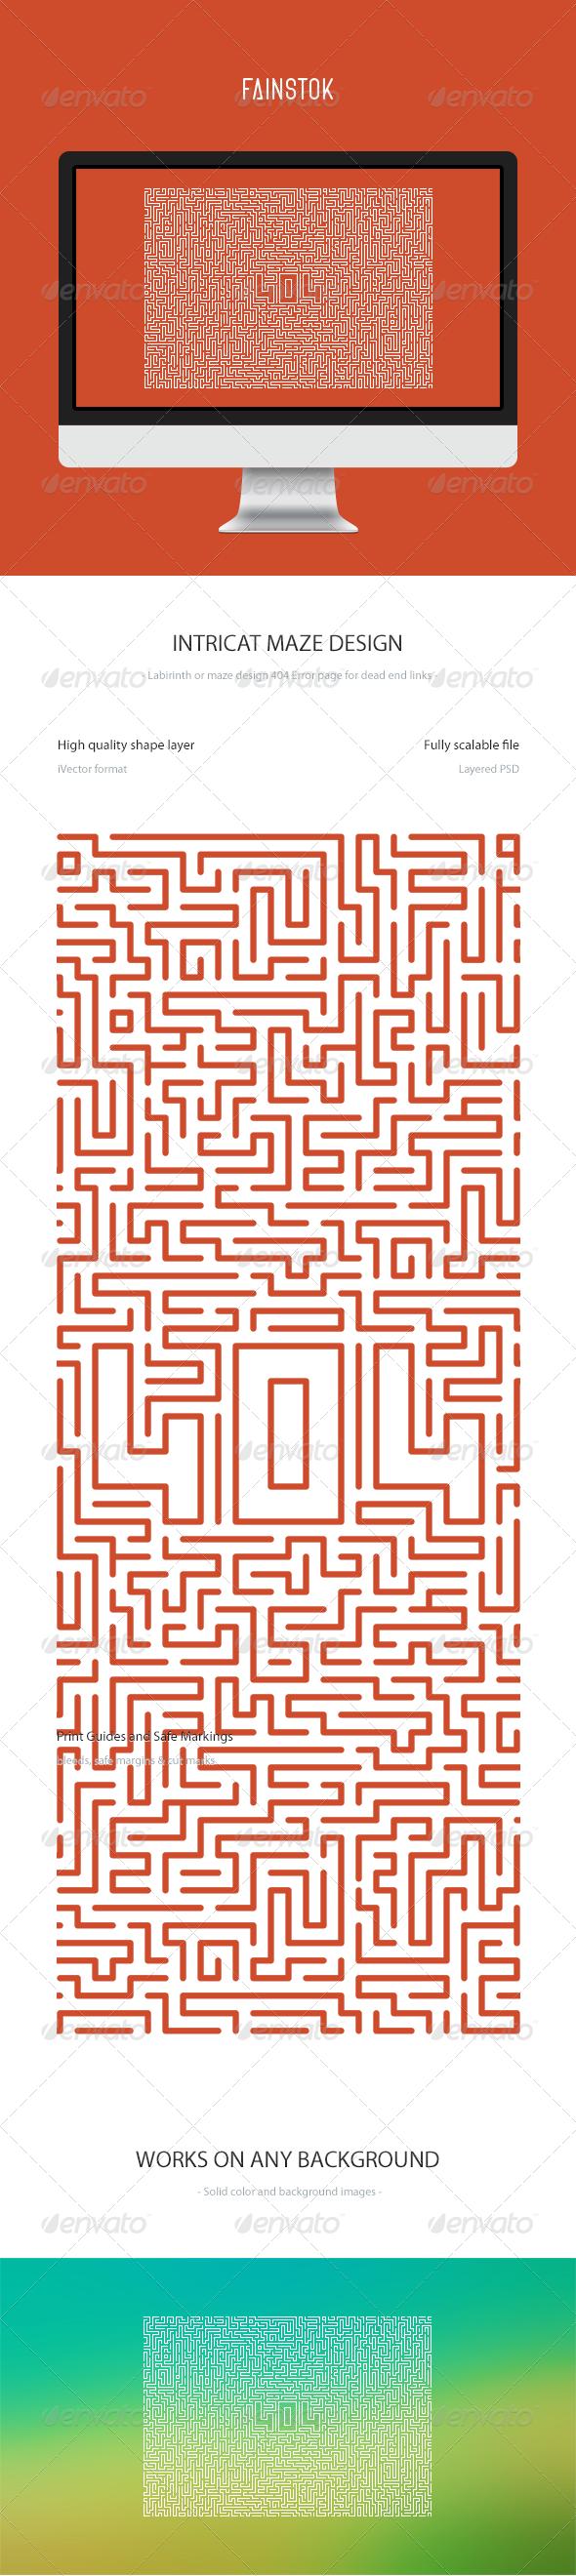 GraphicRiver Maze 404 Error Page UI 6600667